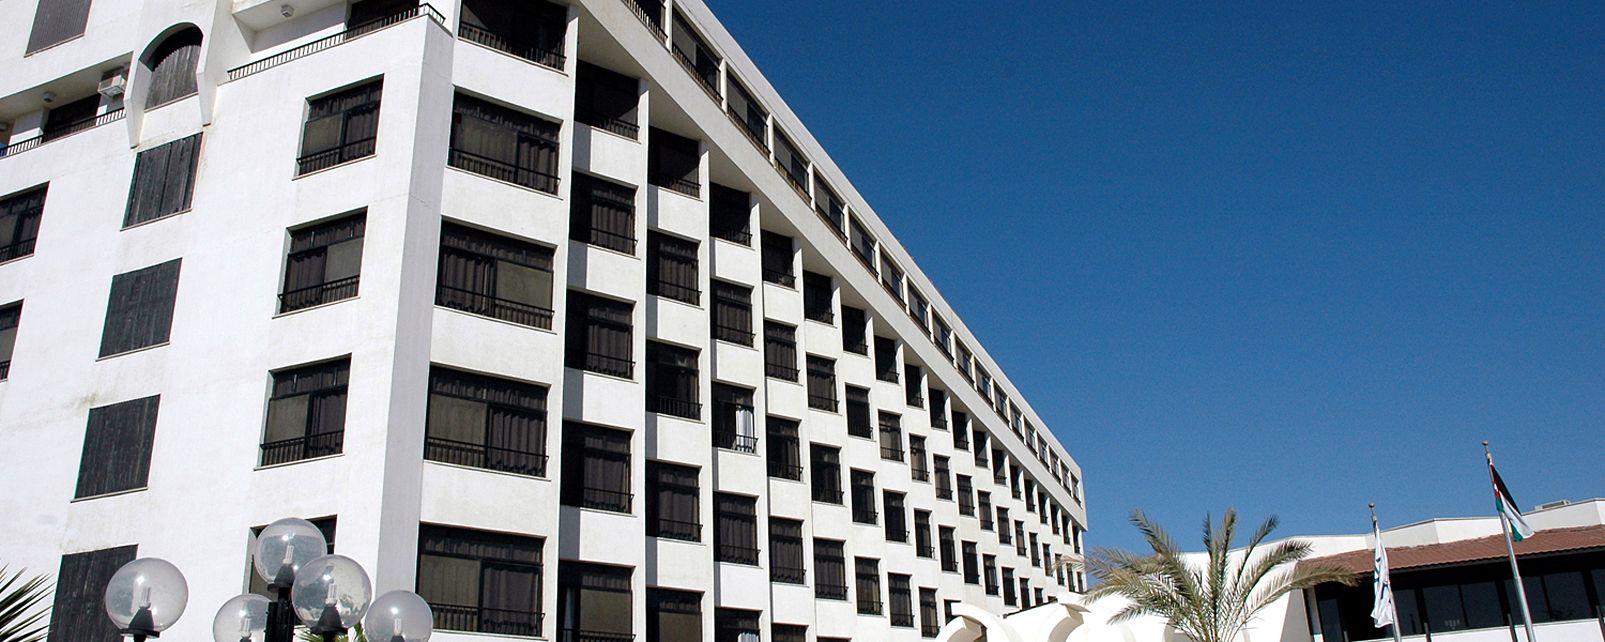 Hotel Aqaba Gulf Hotel